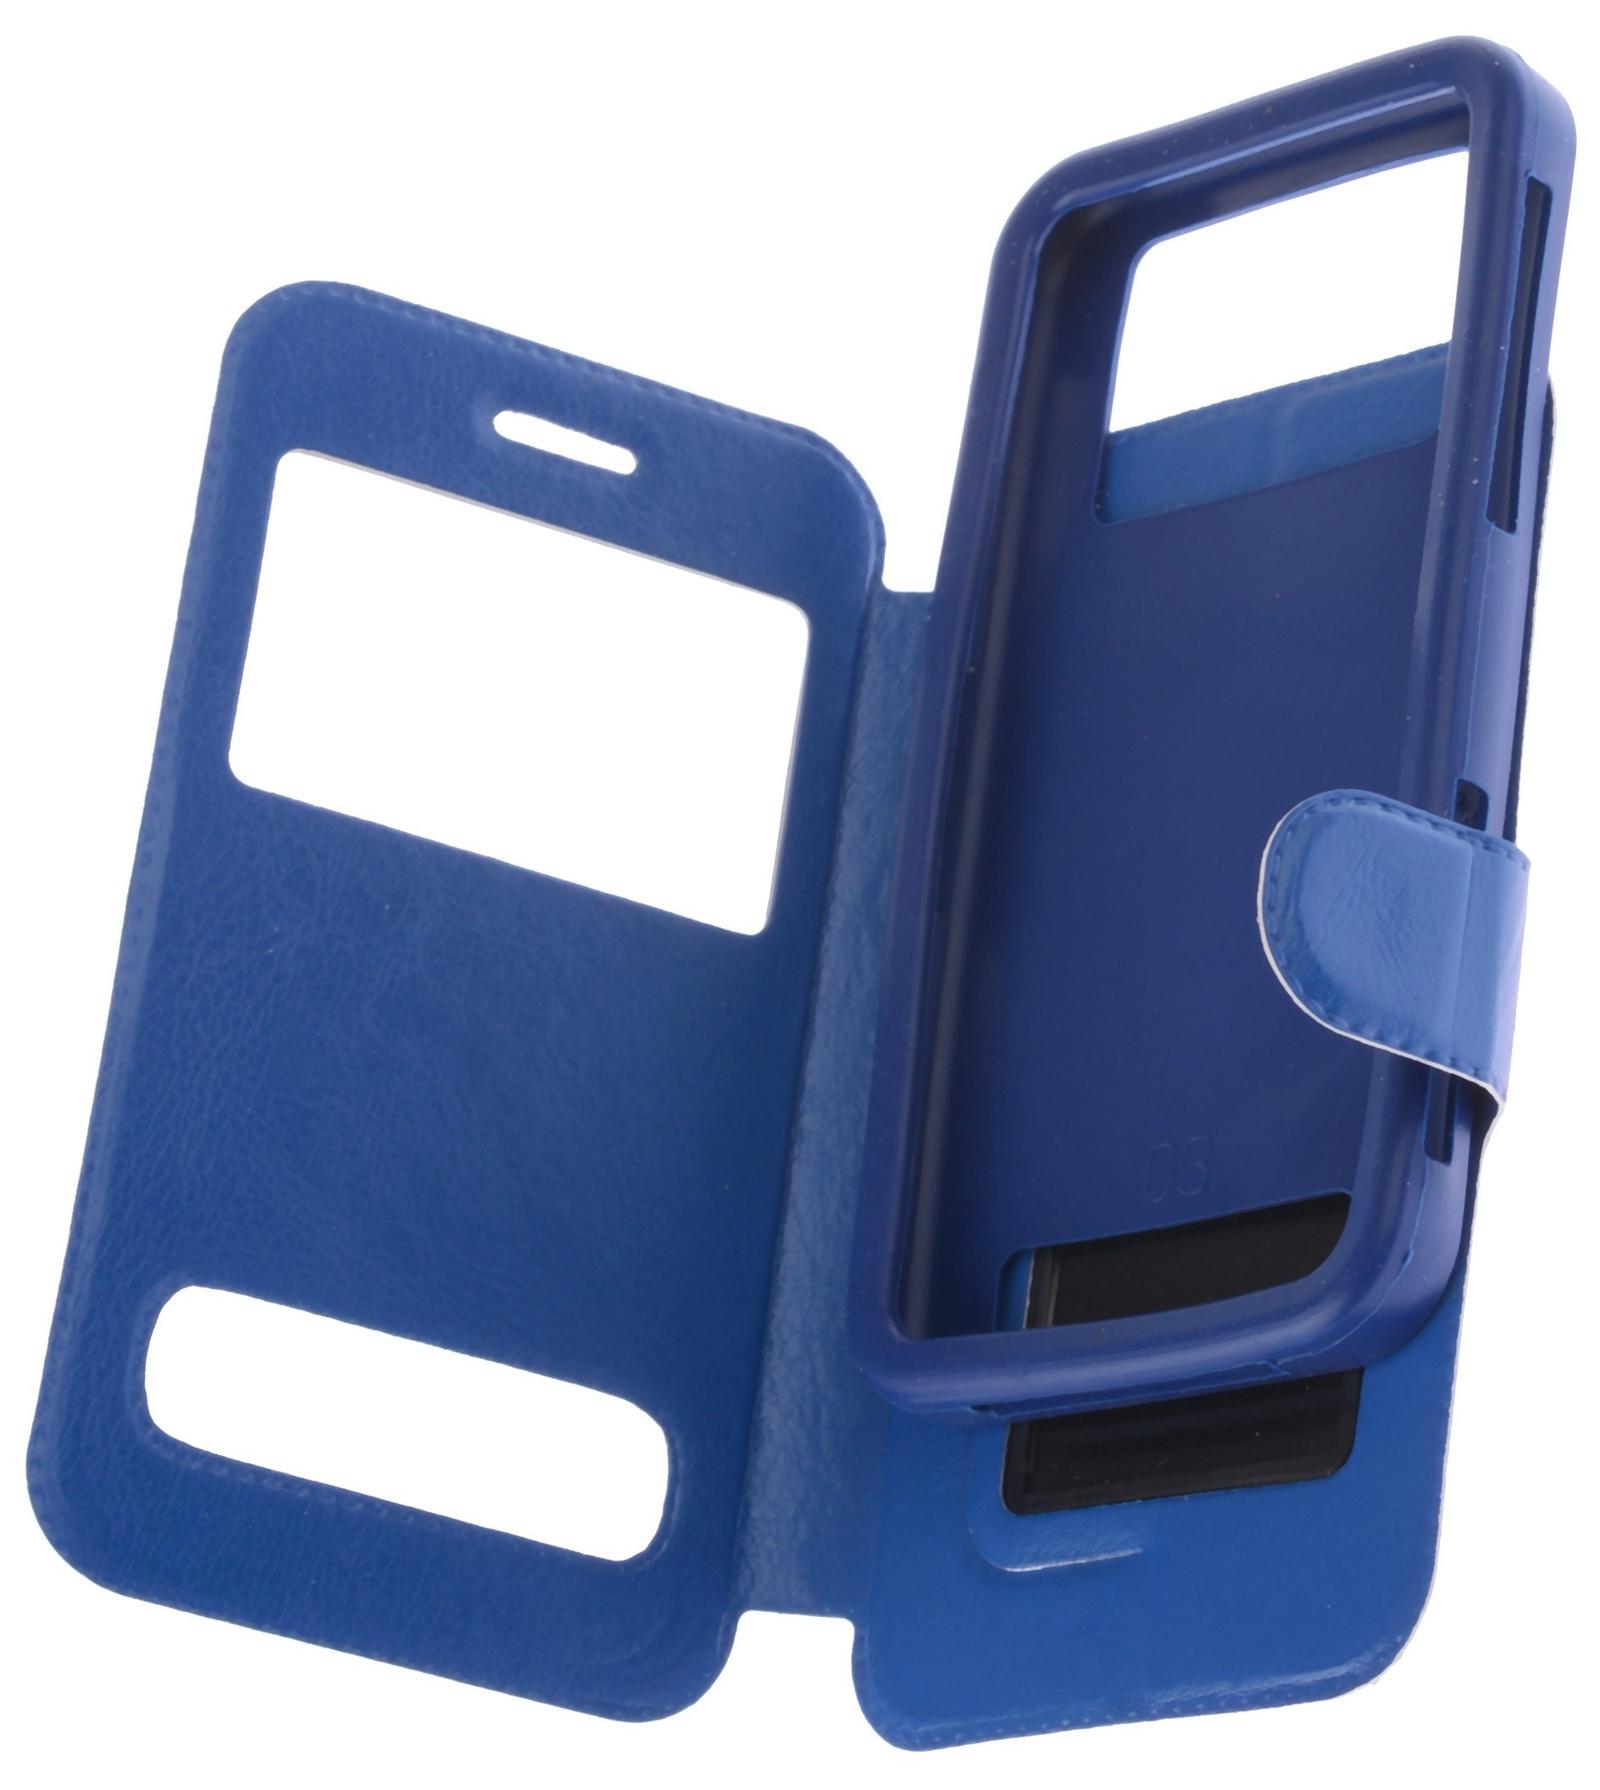 цена на Чехол для сотового телефона skinBOX Silicone Sticker 5, 4660041408461, синий